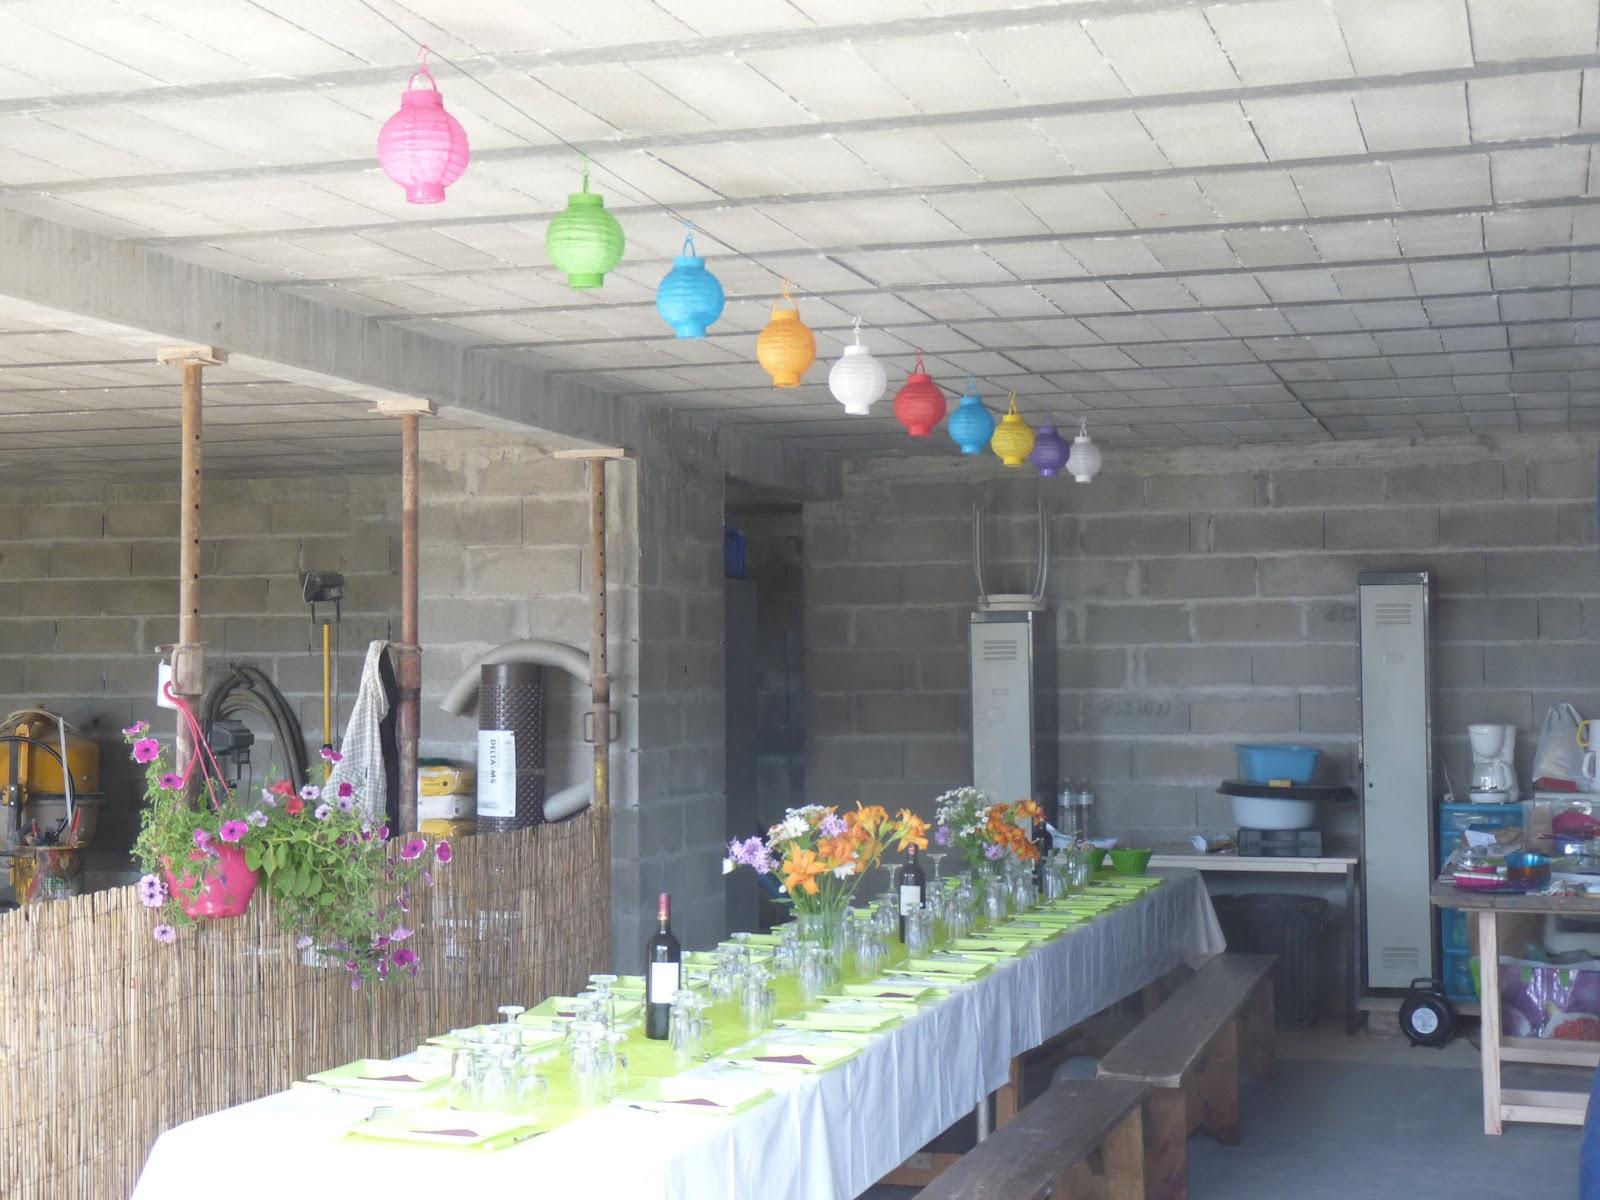 Eclairage Sous Sol Maison la maison de la plénitude du bonheur: le chantier en habit